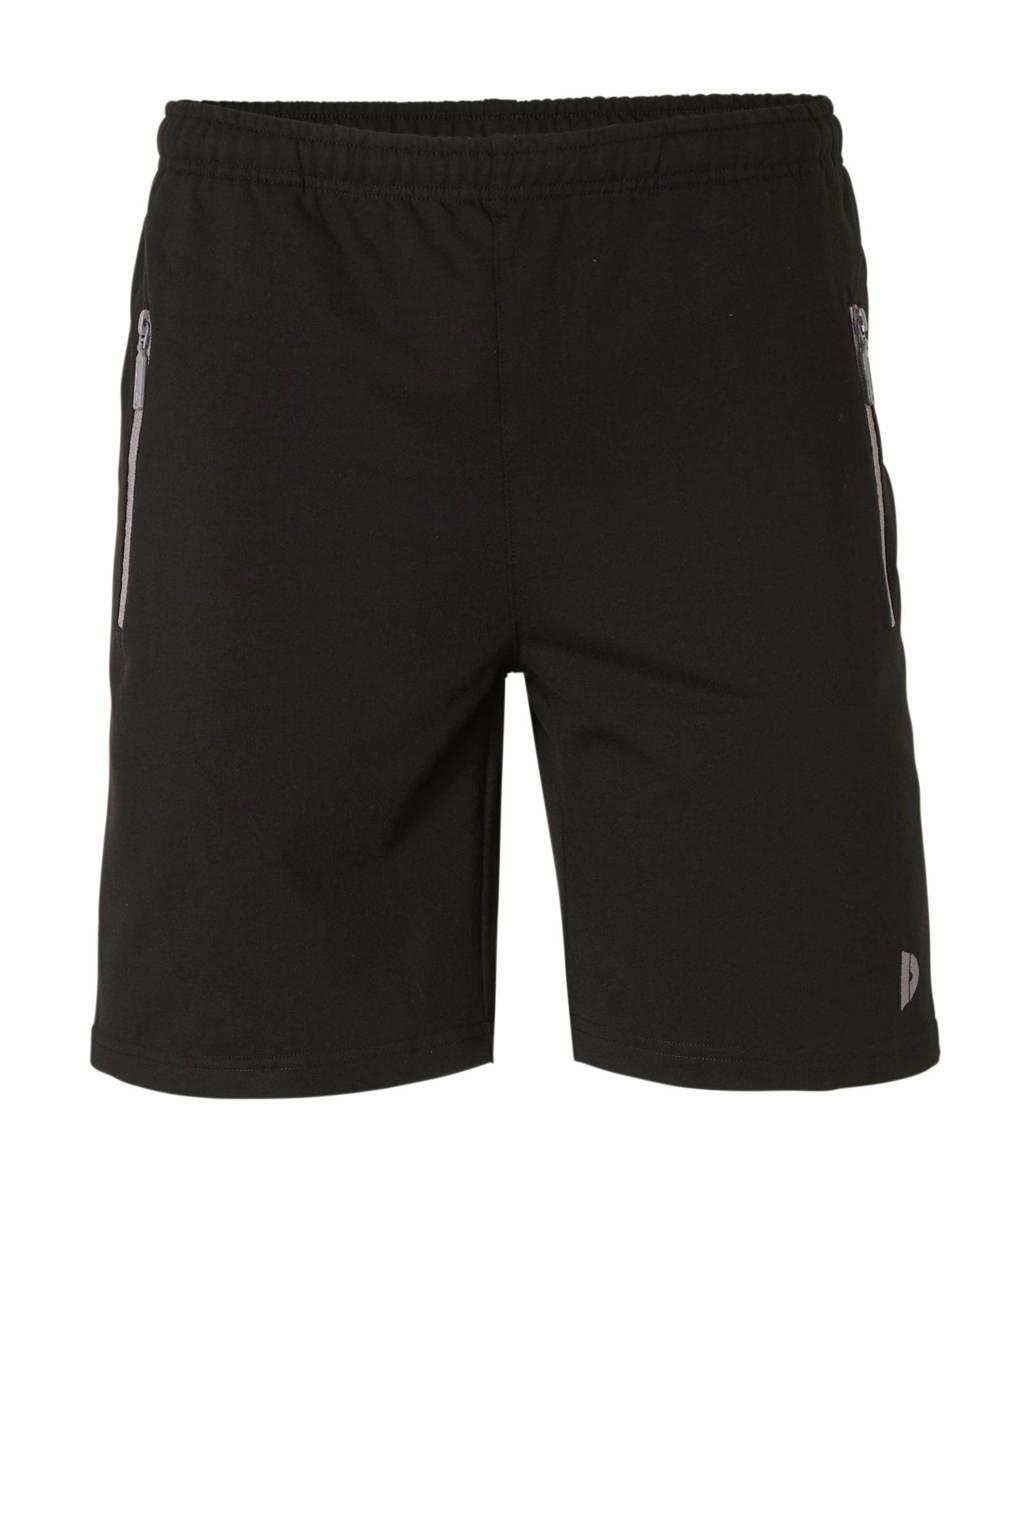 Donnay   joggingshort zwart gemeleerd, Zwart gemeleerd